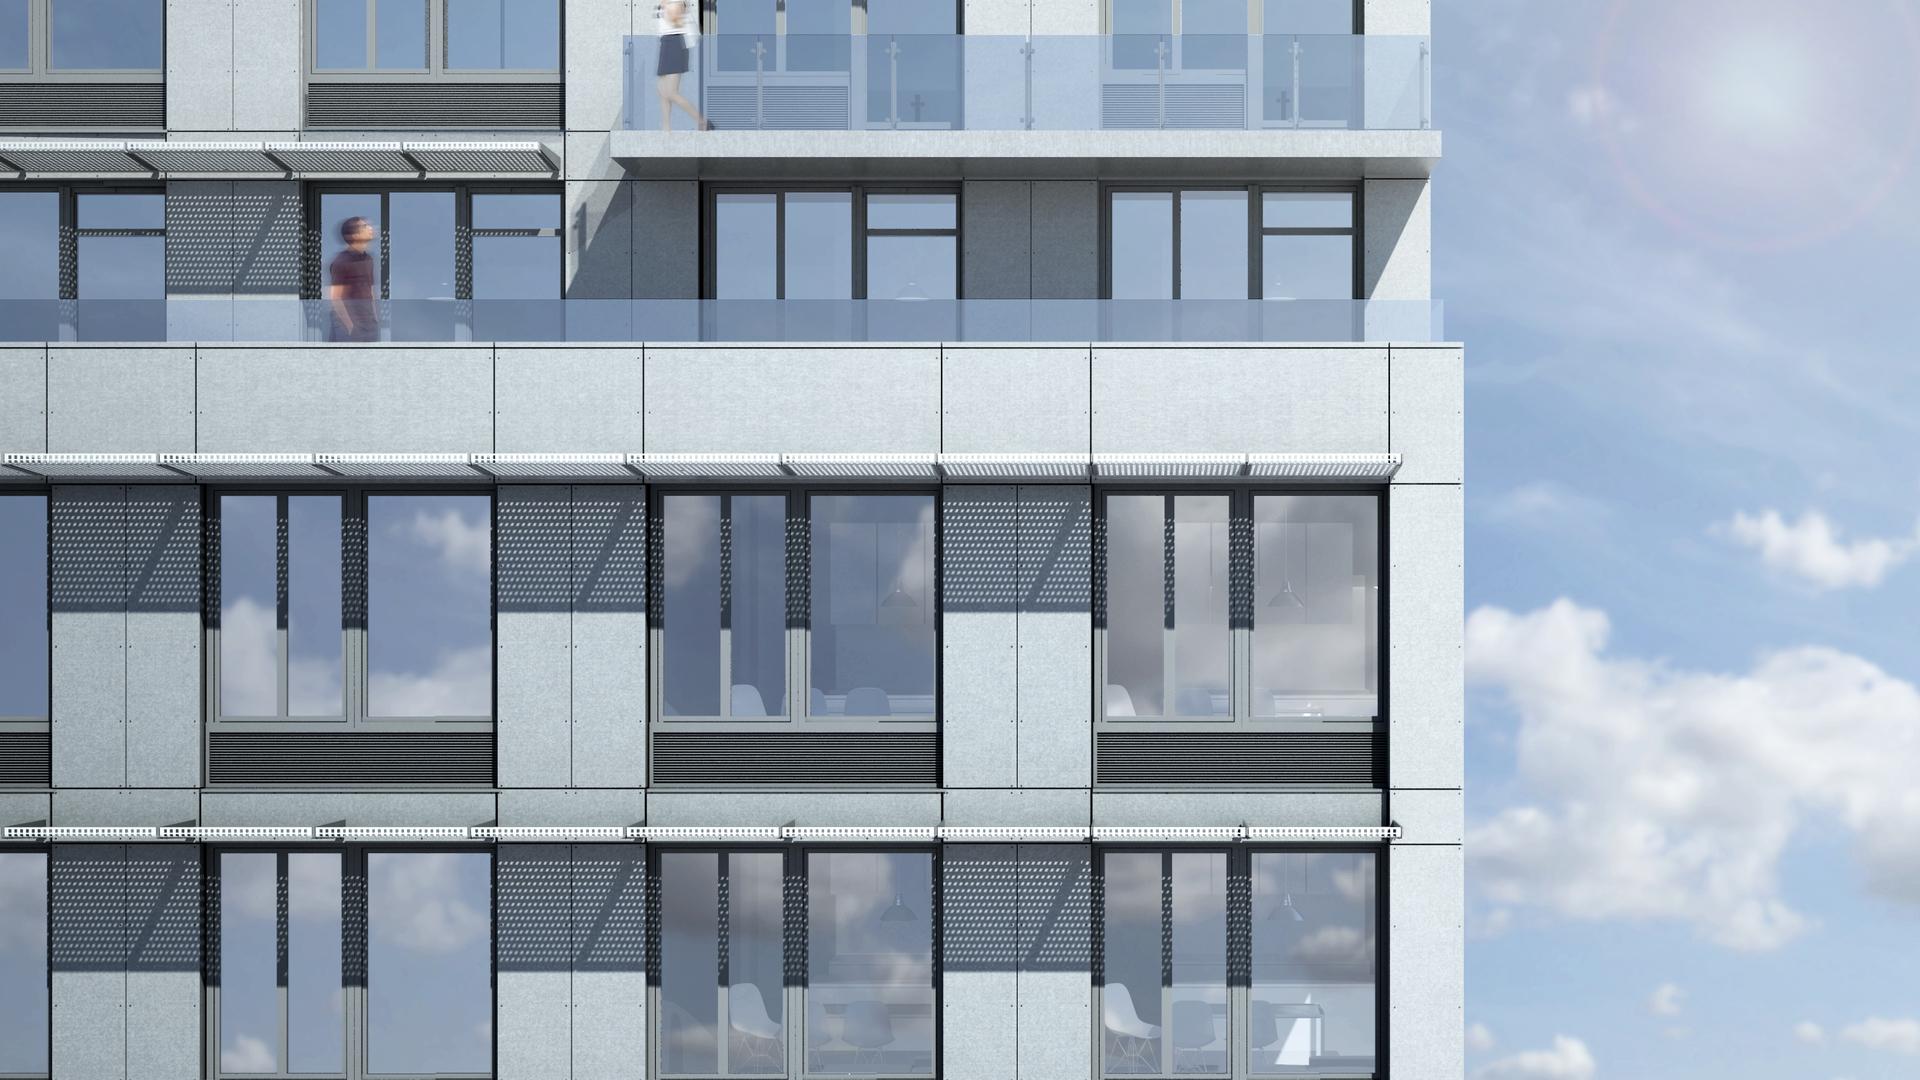 1247 atlantic ave 181115 facade closeup